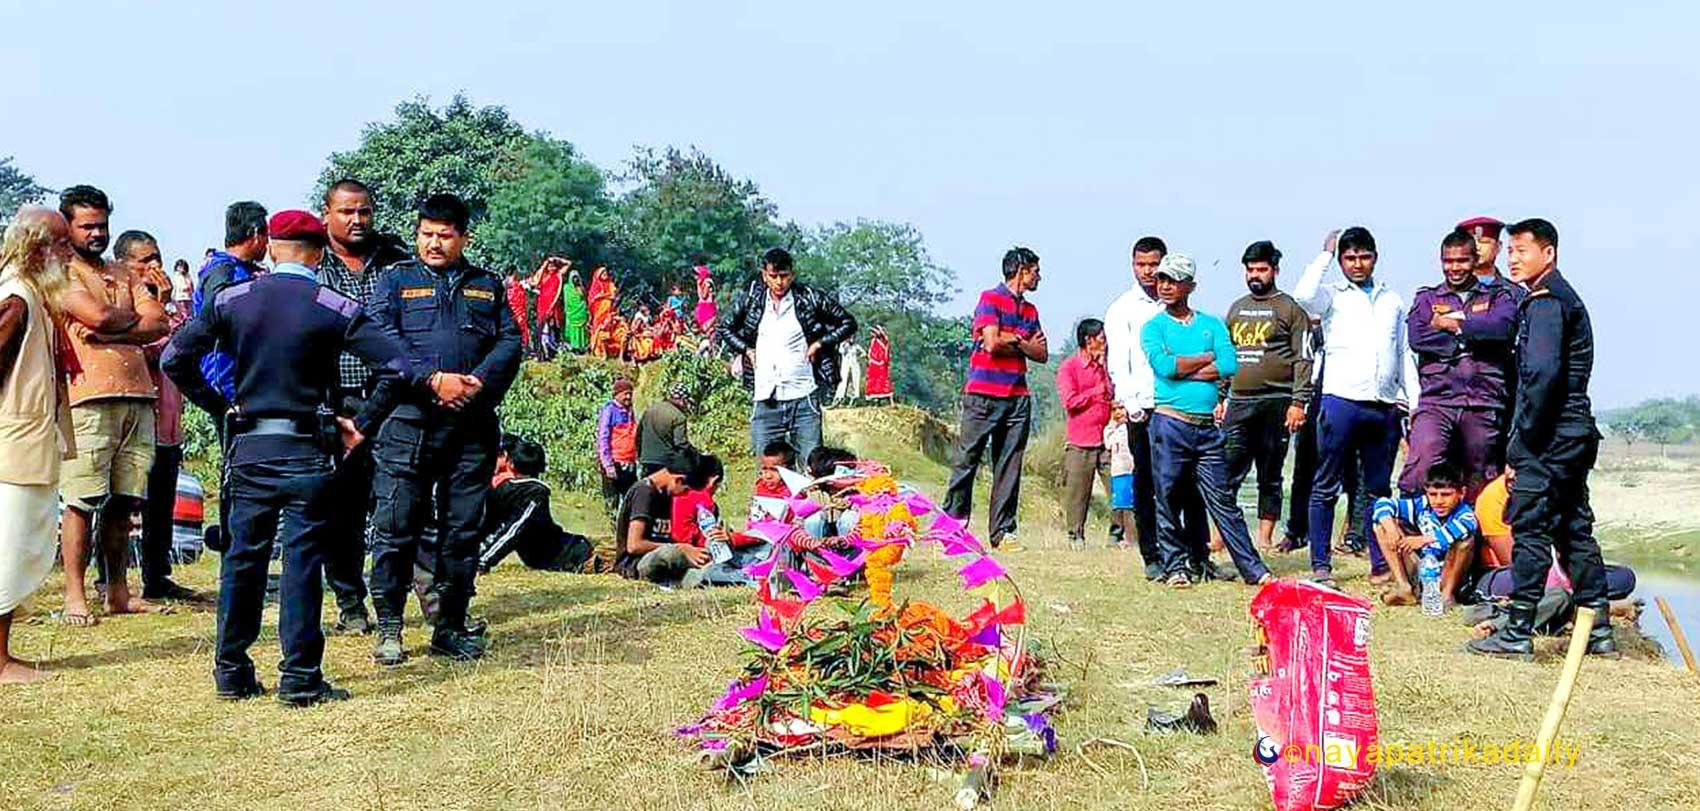 शंकास्पद मृत्यु भएकी महिलाको दाहसंस्कारको तयारी : घाटबाट शव बरामद, श्रीमान् पक्राउ